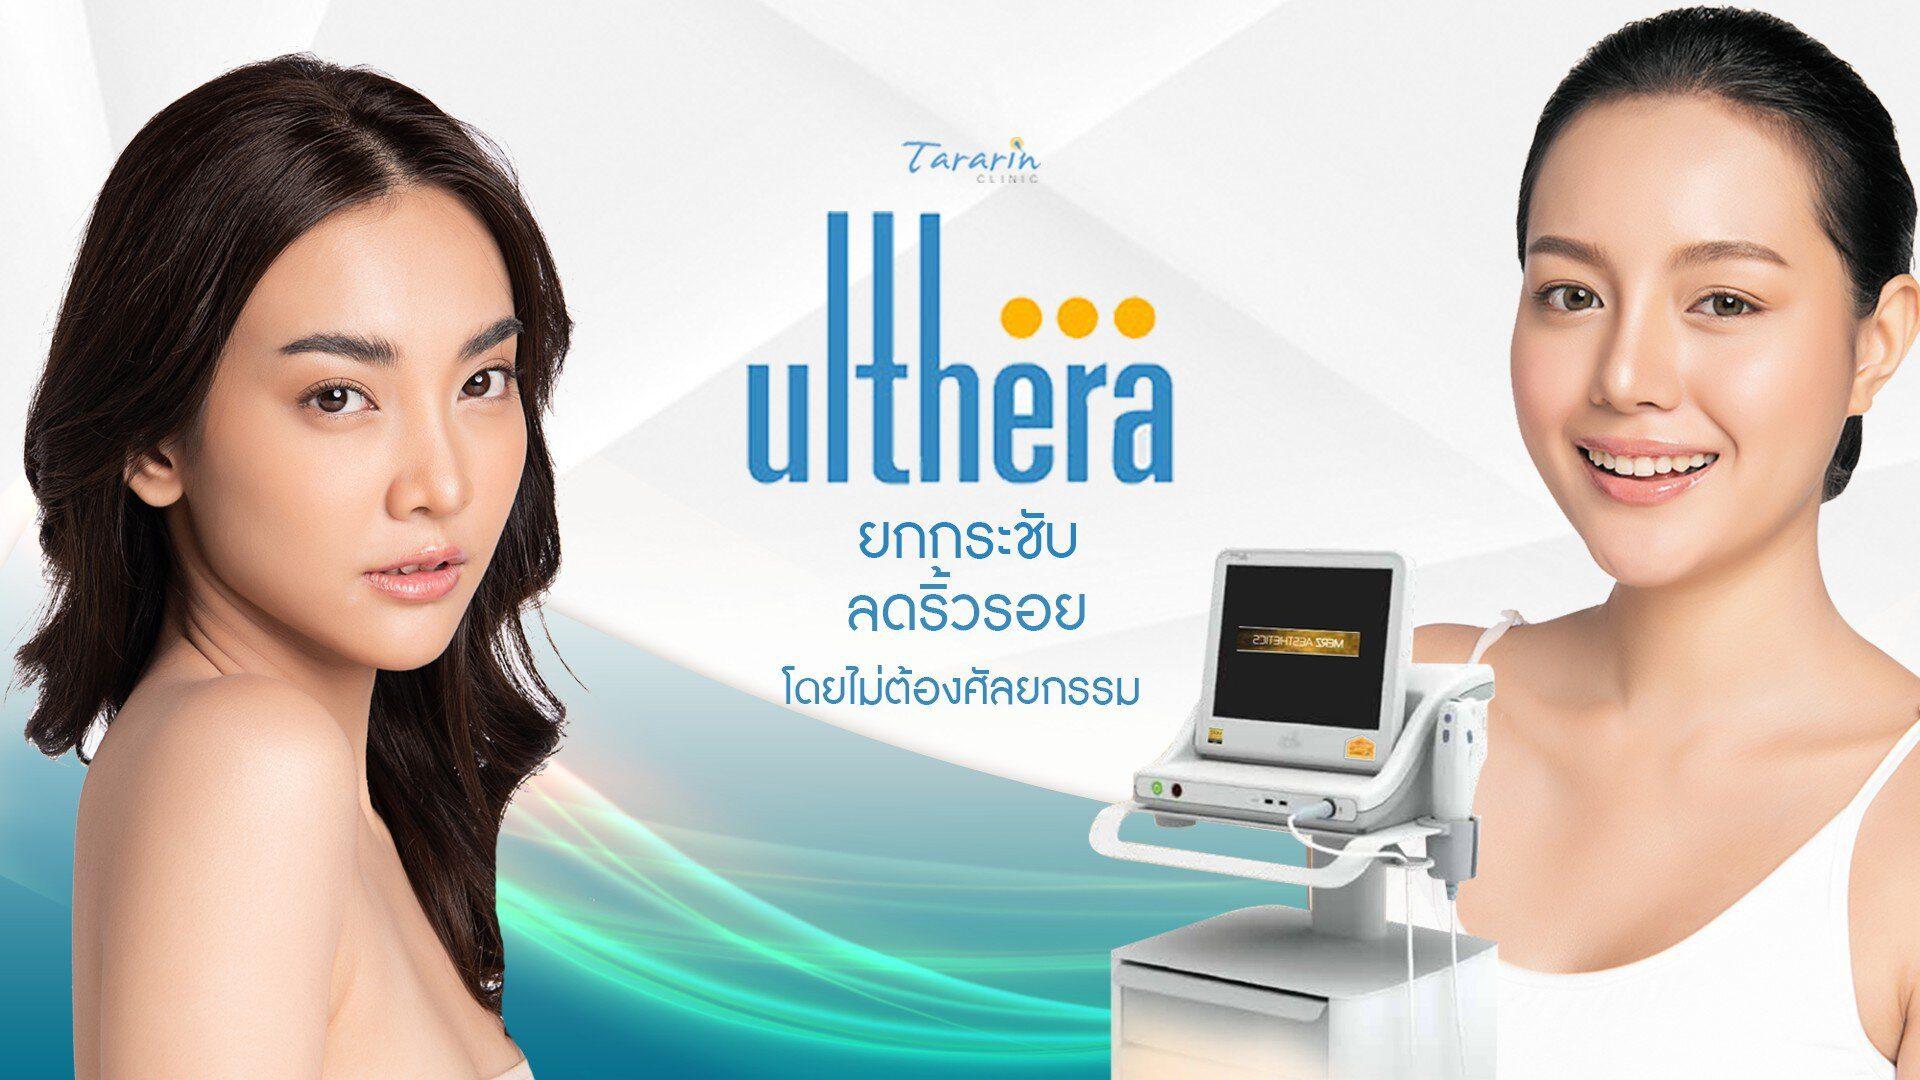 ผลลัพธ์ที่จากการทำ ulthera